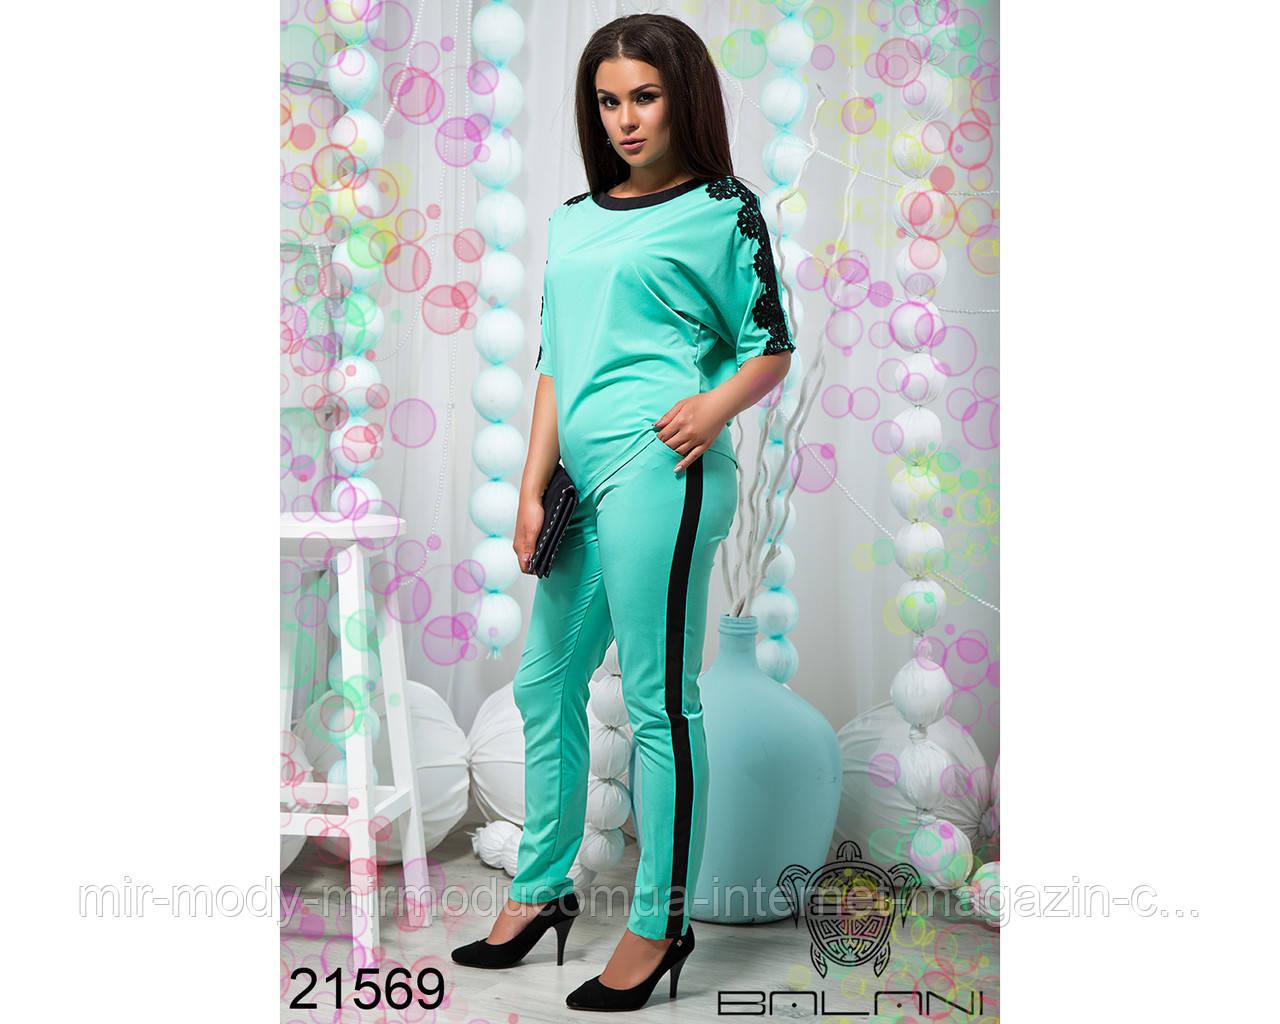 Стильный брючный костюм - 21569 с  48 по 54 размер